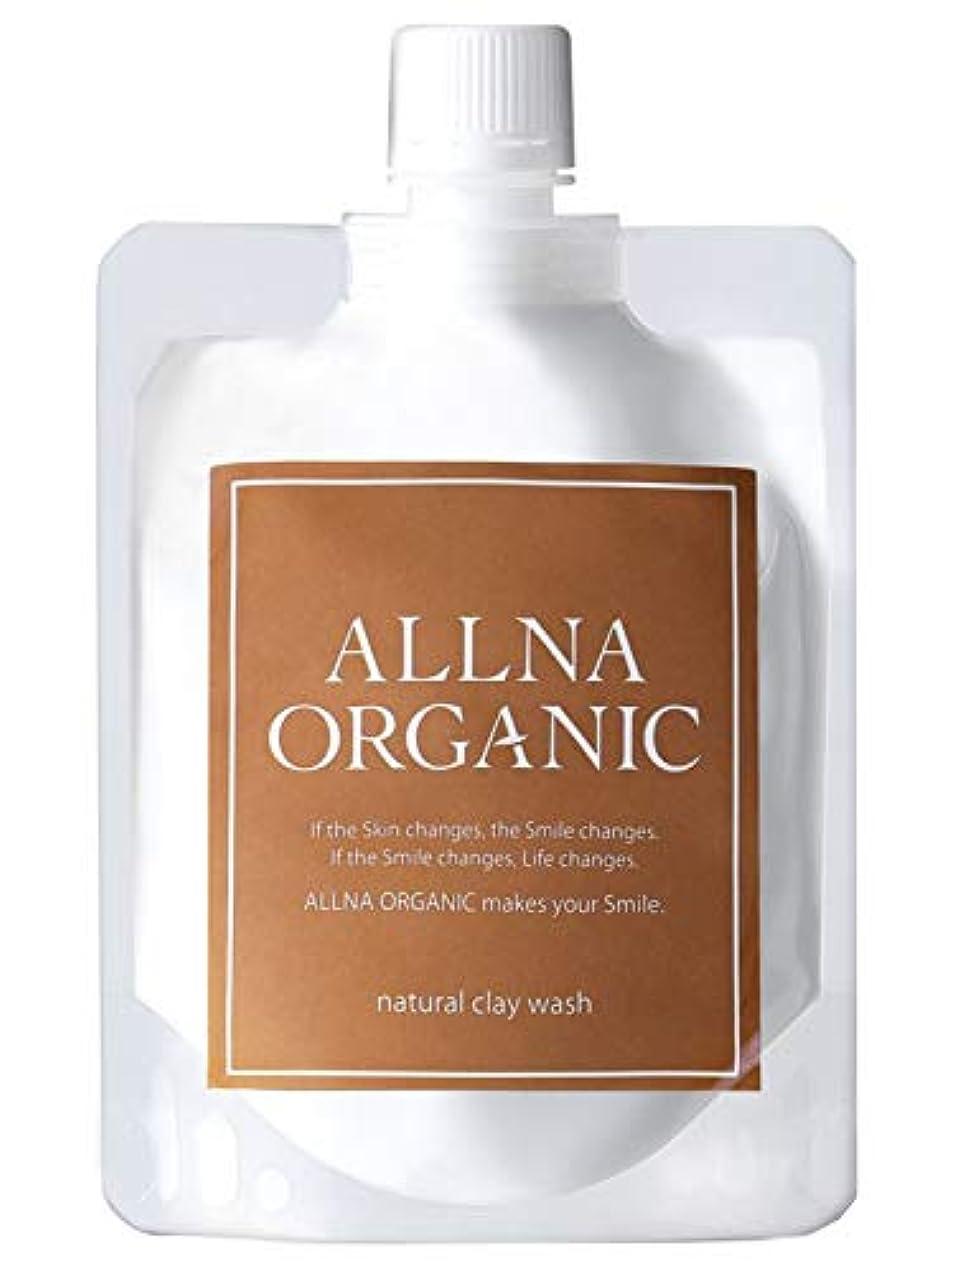 組み合わせるローブ降ろすオルナ オーガニック 泥 洗顔 「 毛穴 開き 黒ずみ 用」「 泡 ネット 付き」「 コラーゲン 3種類 + ヒアルロン酸 4種類 + ビタミンC 4種類 + セラミド 配合」 130g